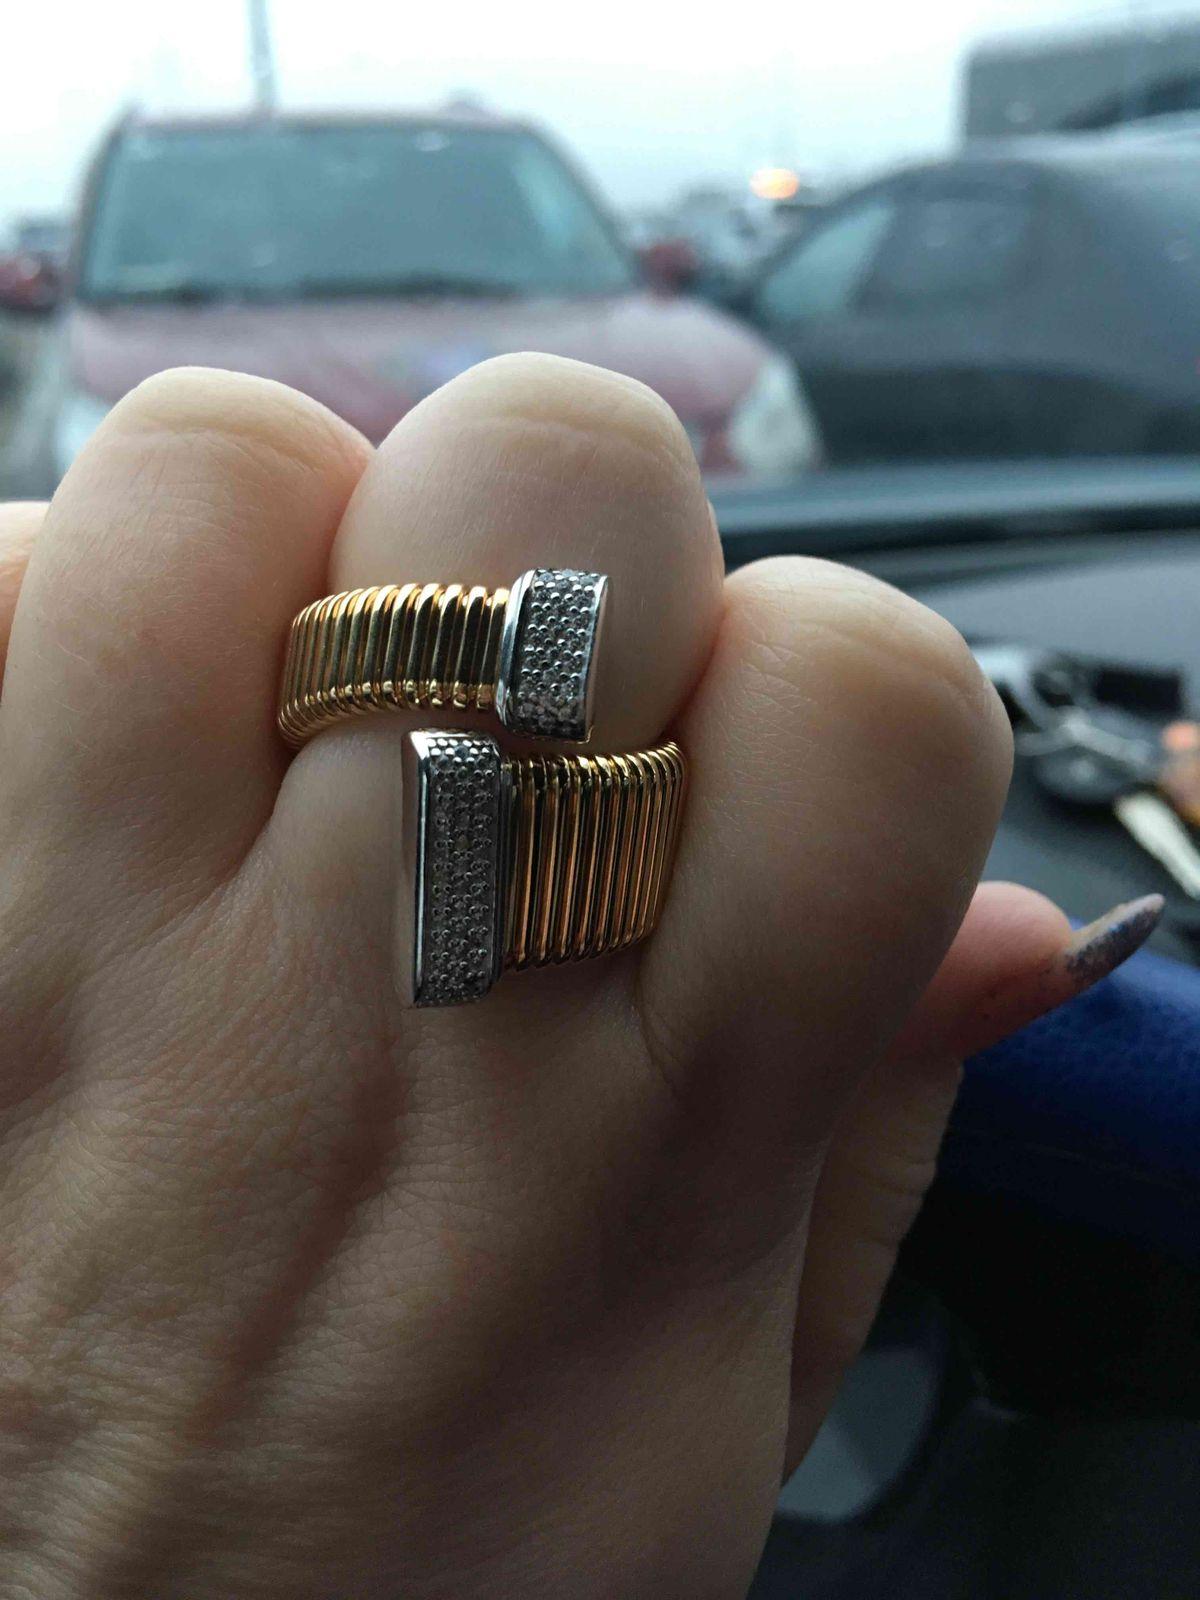 Очень красивое крльцо удобное на пальце хотя большое спсибо за такую красот